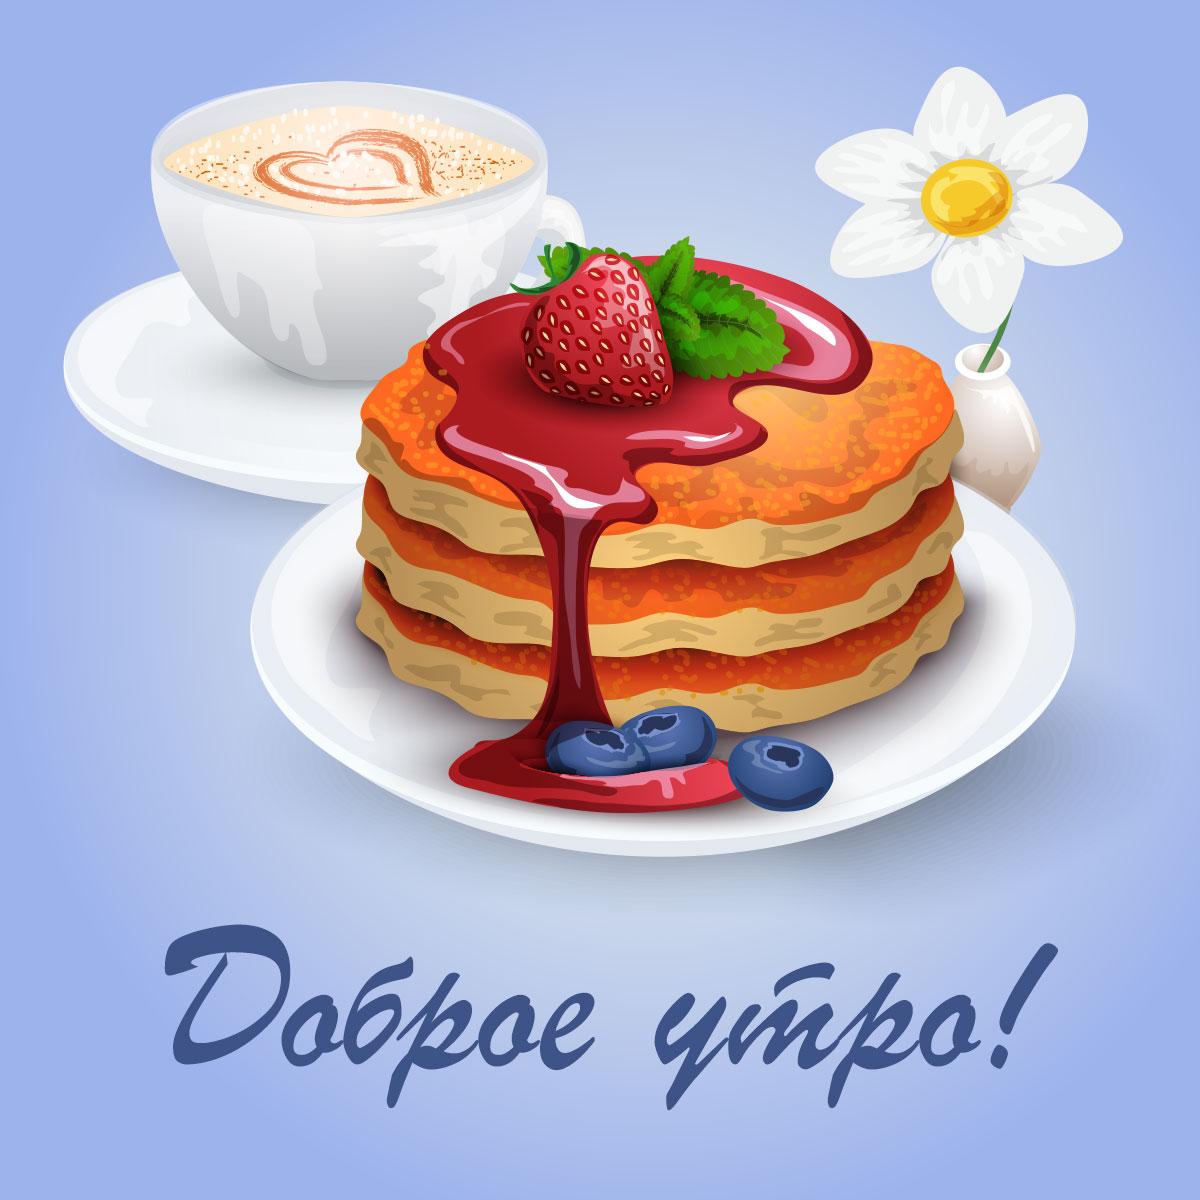 Картинка вкусное доброе утро: блинчики на тарелке, украшенные сладким соусом с клубникой и чашка кофе с молоком на блюдечке для завтрака.